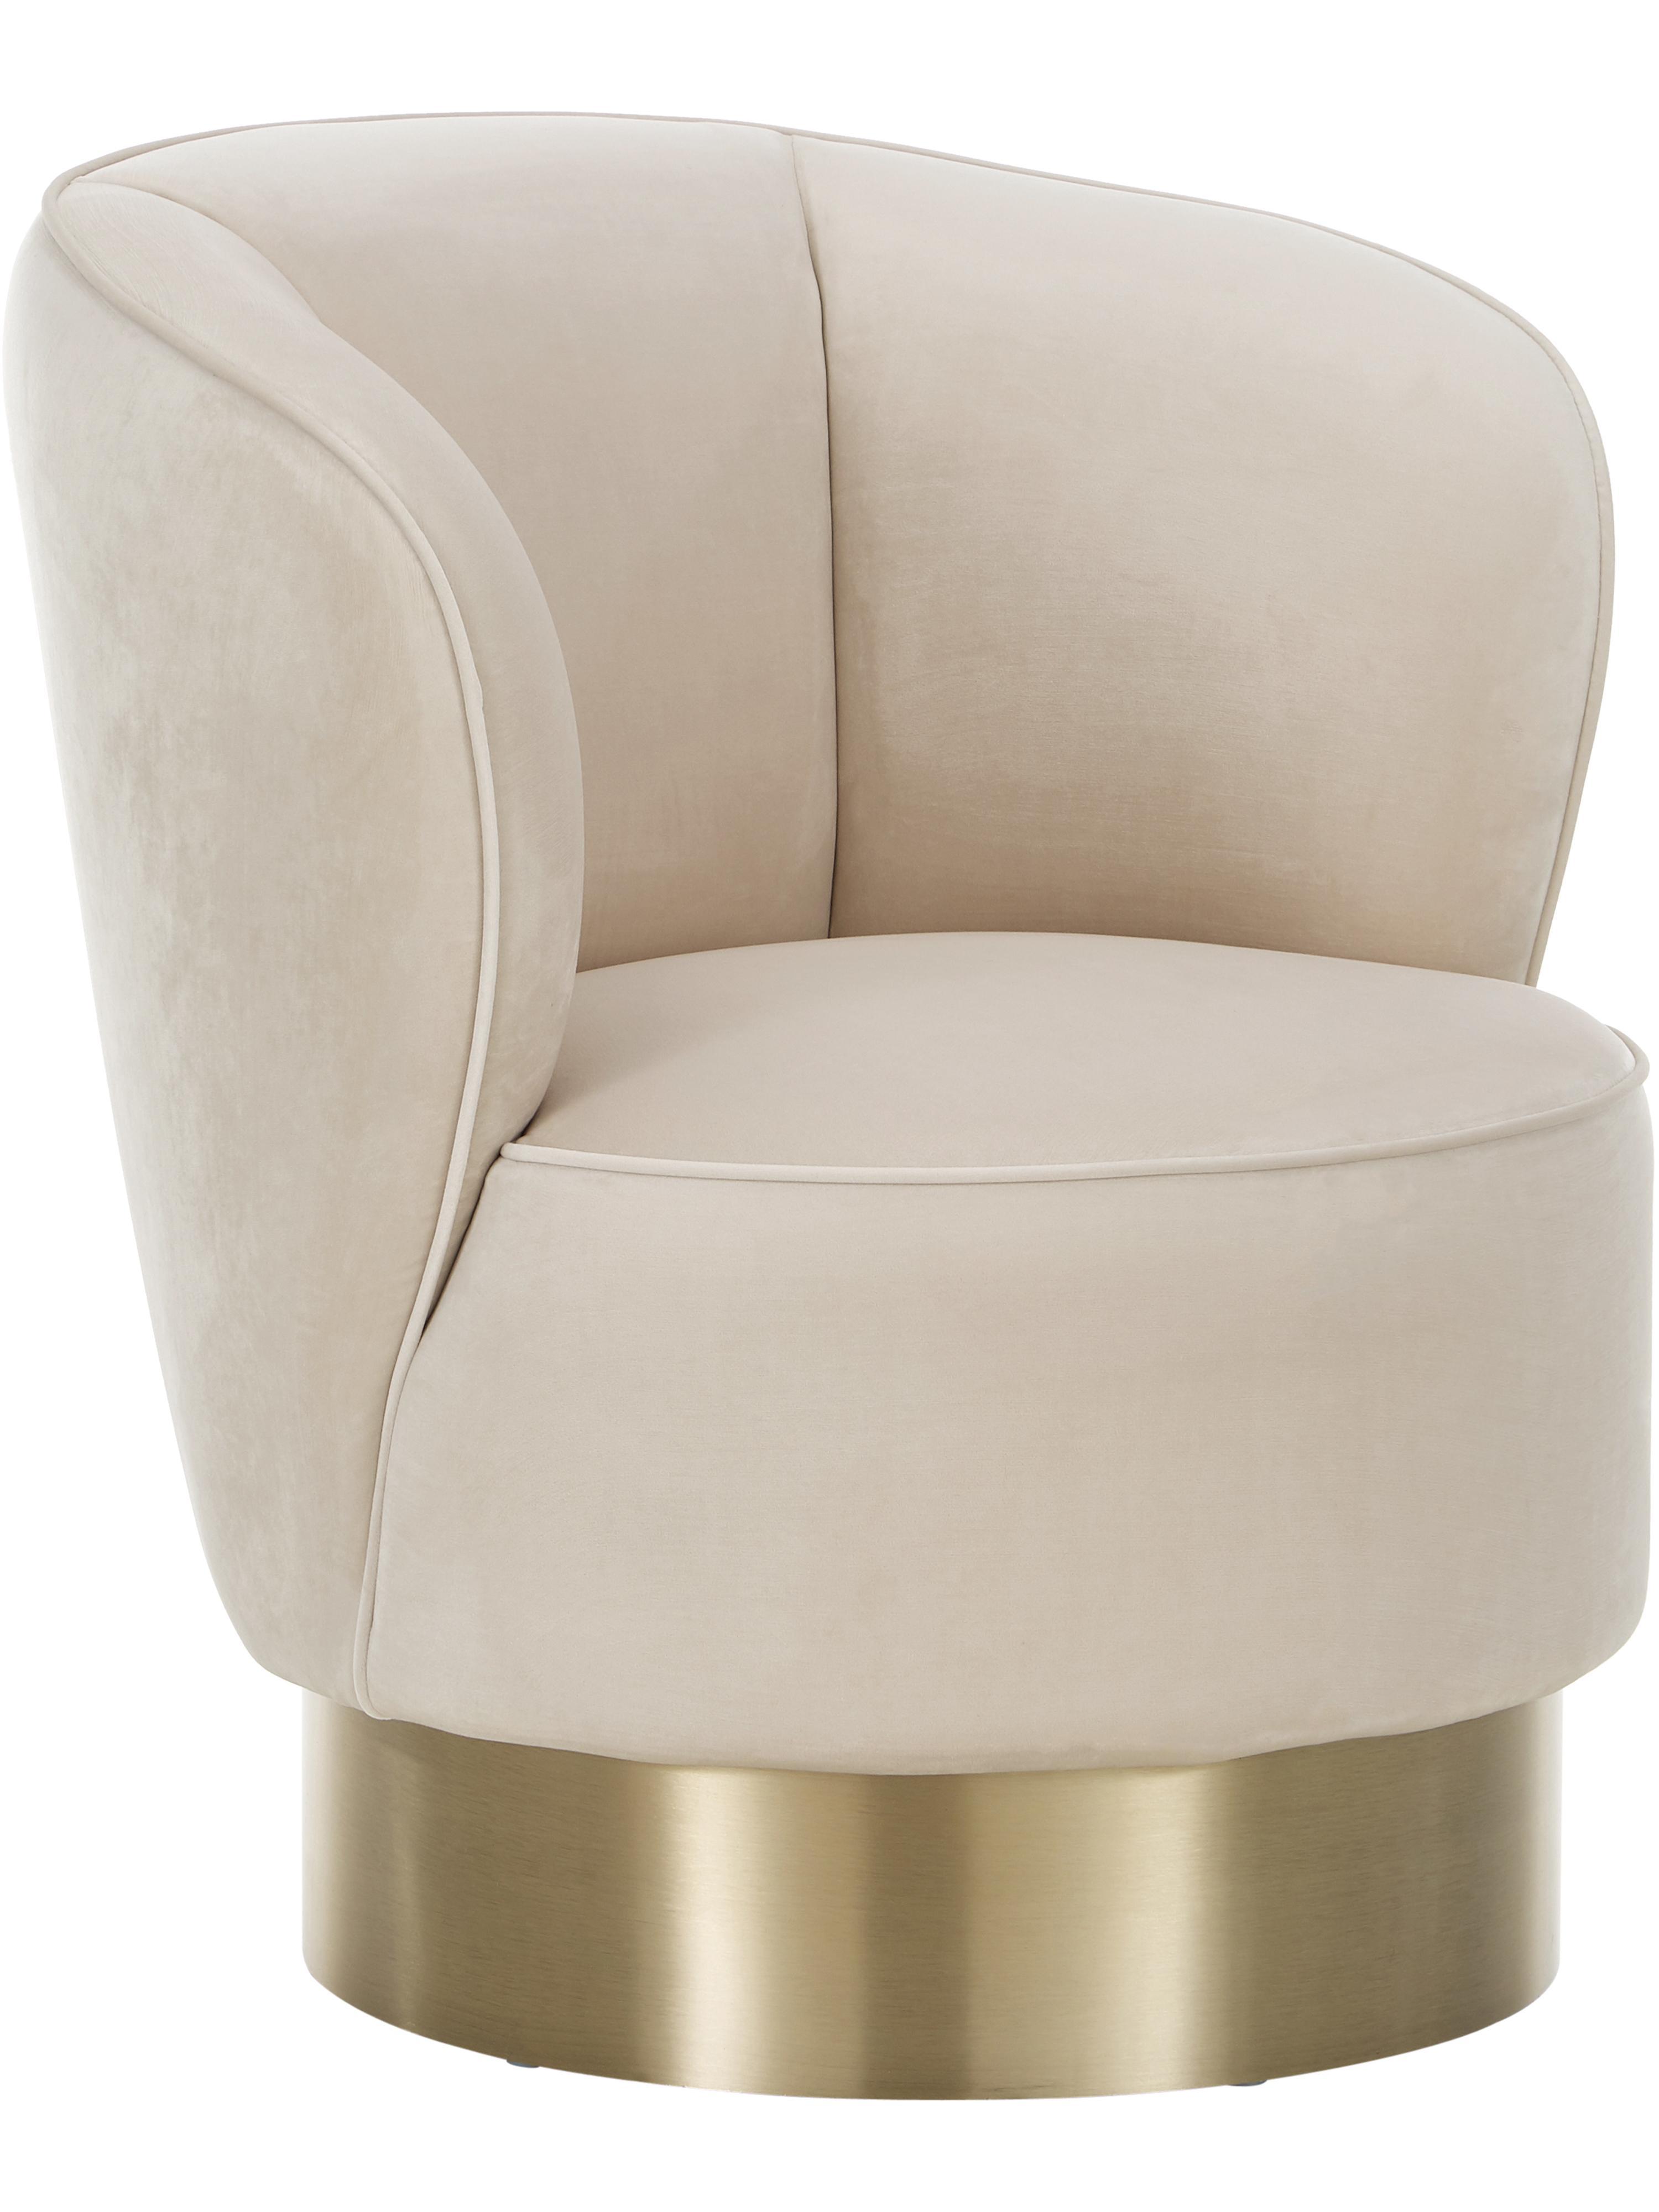 Fotel koktajlowy  z aksamitu Olivia, Tapicerka: aksamit (poliester) 3000, Aksamit beżowy, S 70 x W 70 cm